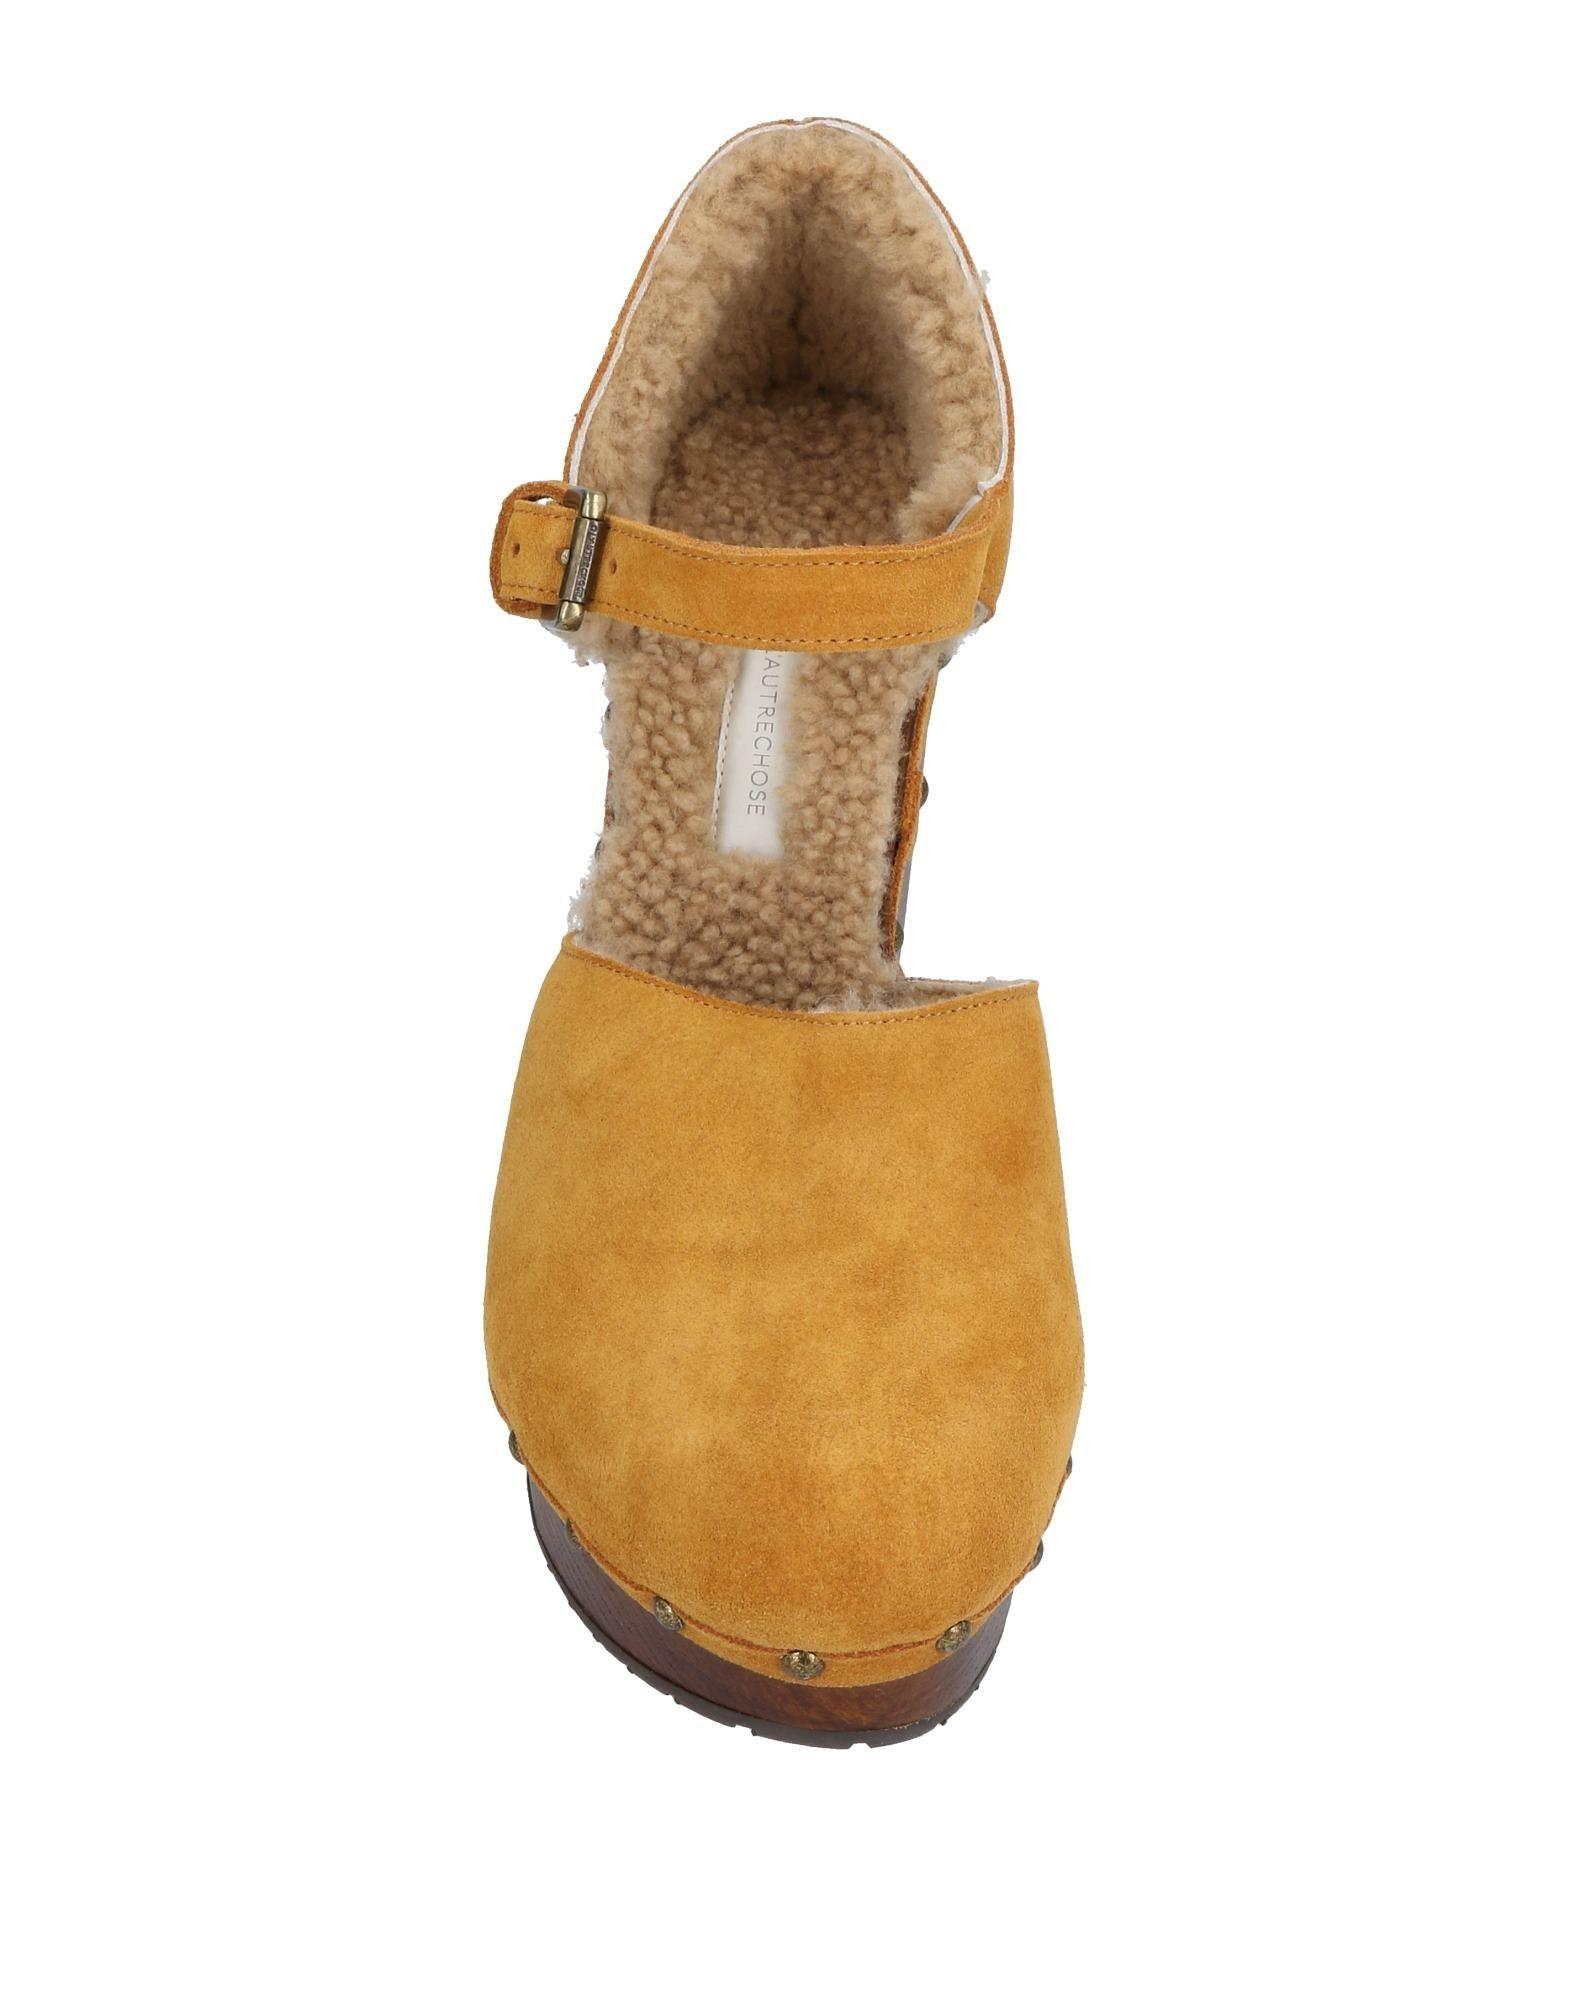 Stilvolle Chose billige Schuhe L' Autre Chose Stilvolle Pumps Damen  11460323CX 41868f